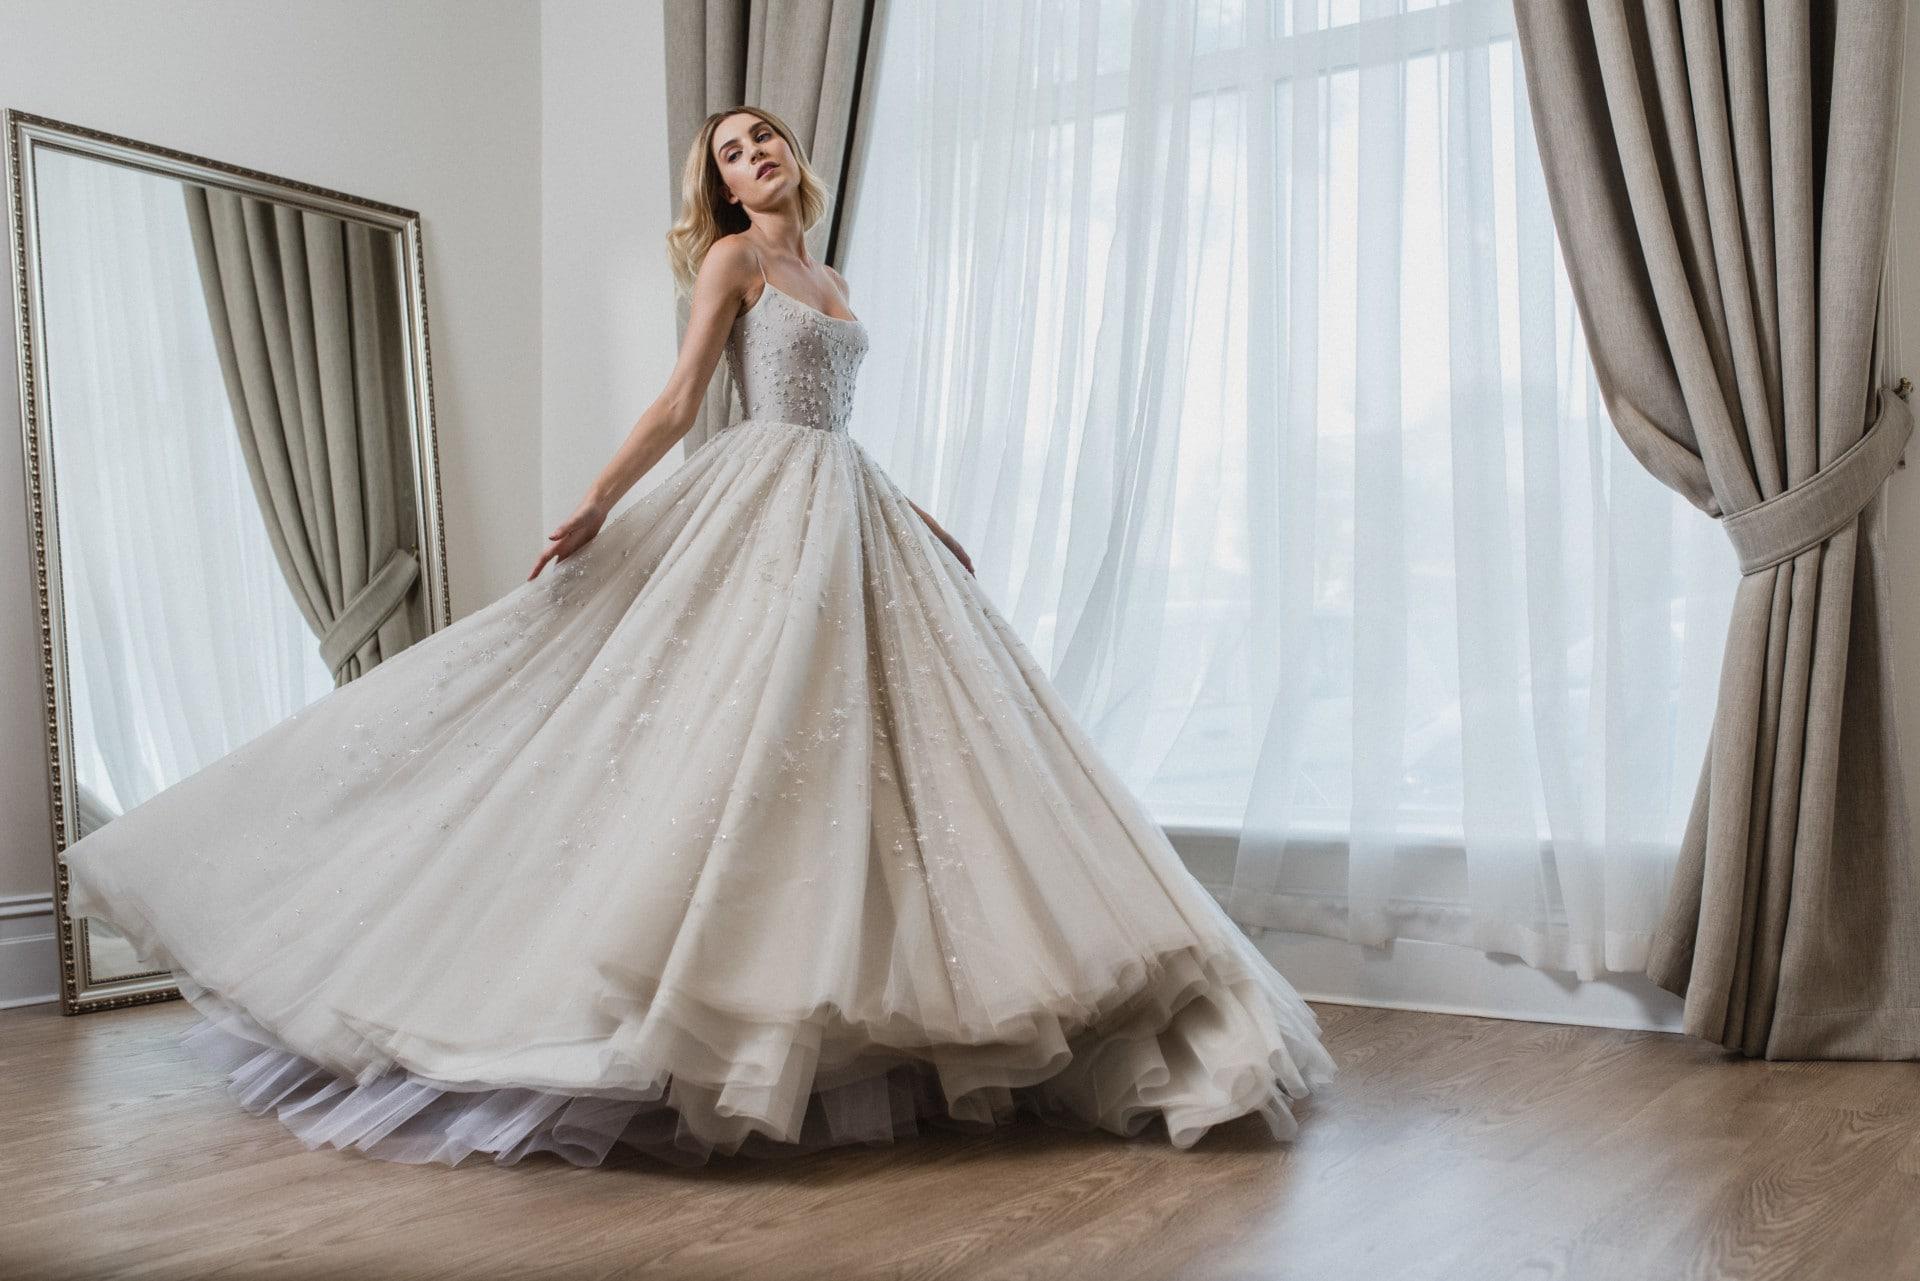 paolo sebastian wedding dresses